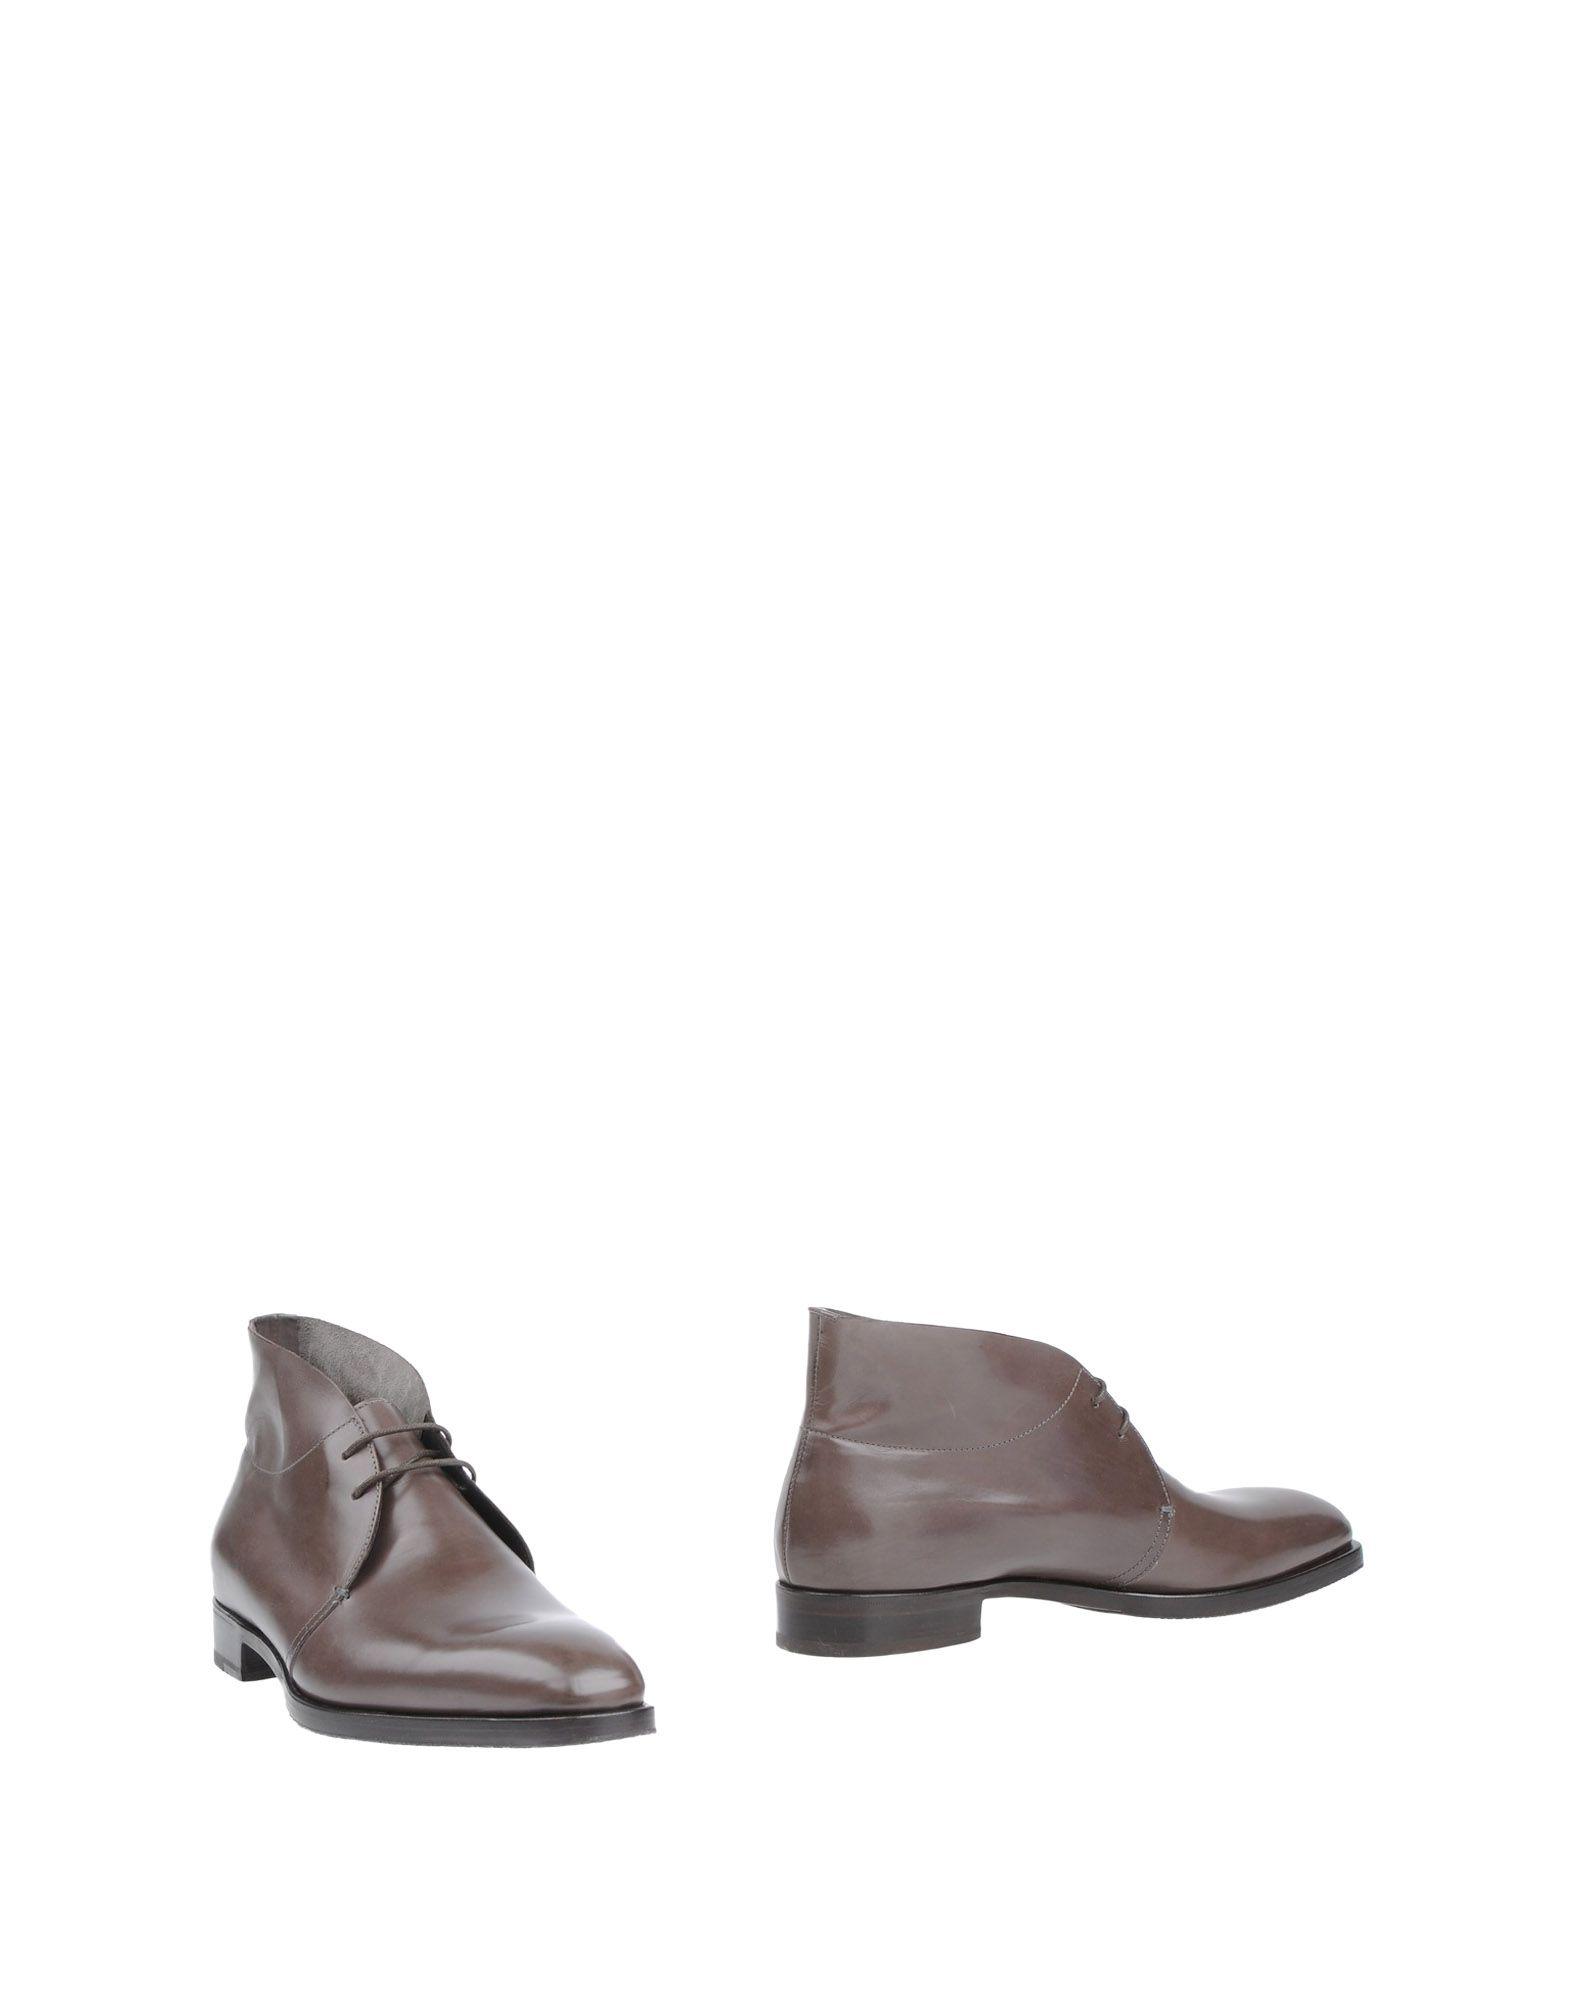 Fratelli Rossetti Stiefelette Herren  11332172HB Gute Qualität beliebte Schuhe